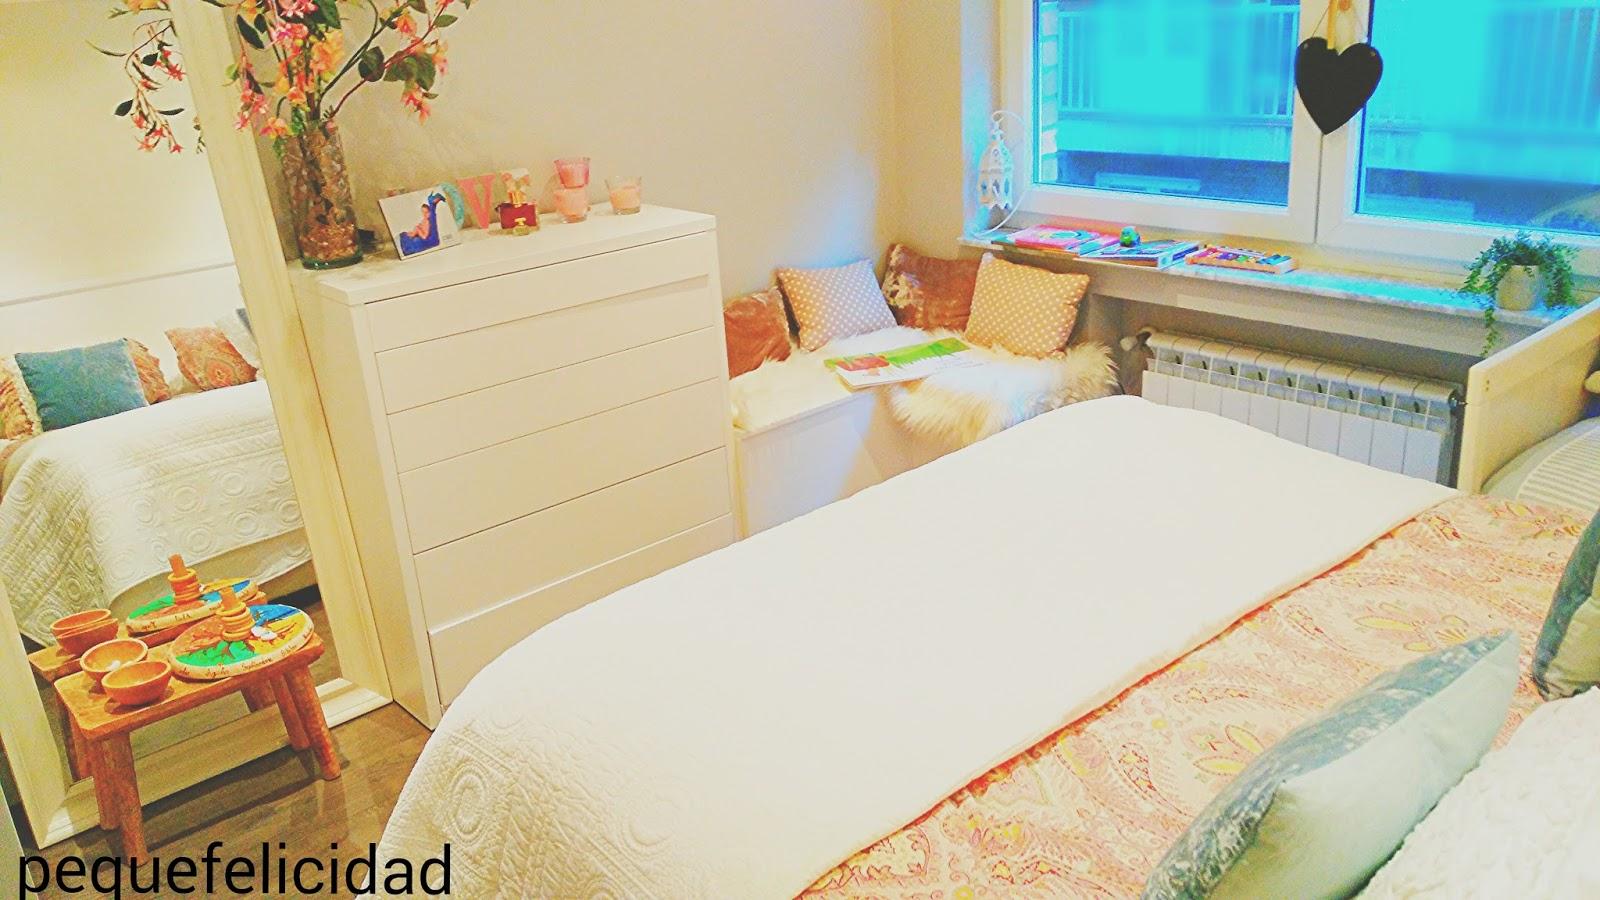 Pequefelicidad dormir en familia habitaciones inspiradoras for Cuarto montessori